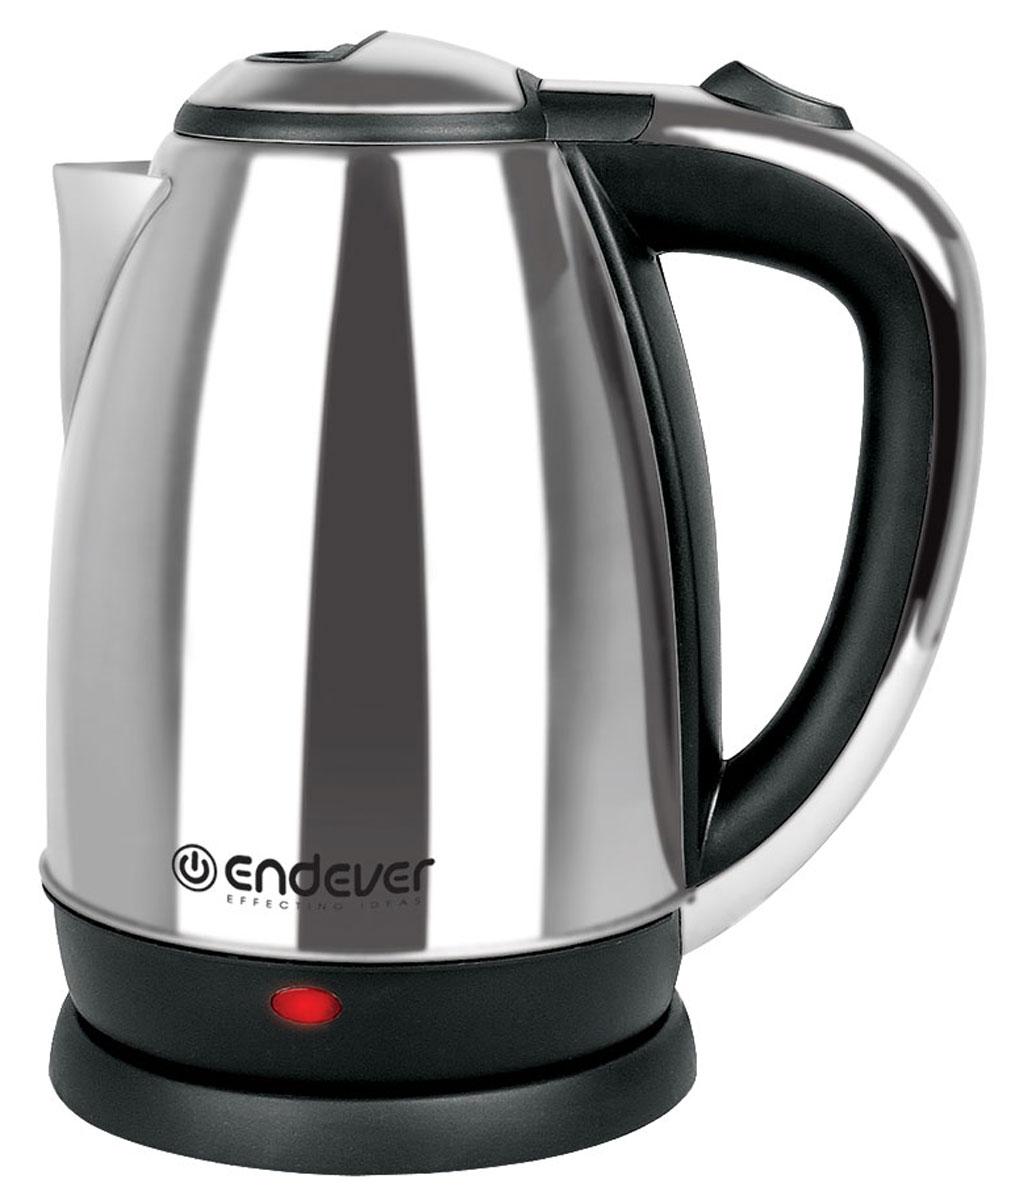 Endever KR-230S электрочайникKR-230SЧайник Endever KR-230S станет прекрасной заменой любой устаревшей модели. Выполнен чайник из качественных и безопасных материалов, поэтому даже длительное использование данной модели не скажется как на качестве работы устройства, так и на вашем здоровье. Чайник быстро нагревает воду и долго сохраняет ее горячей. Он не занимает много места на кухонной столешнице и не помешает вам в приготовлении пищи. Беспроводное соединение позволяет вращать чайник на подставке на 360°. По необходимости лишний шнур питания вы всегда можете спрятать в специальный отсек.